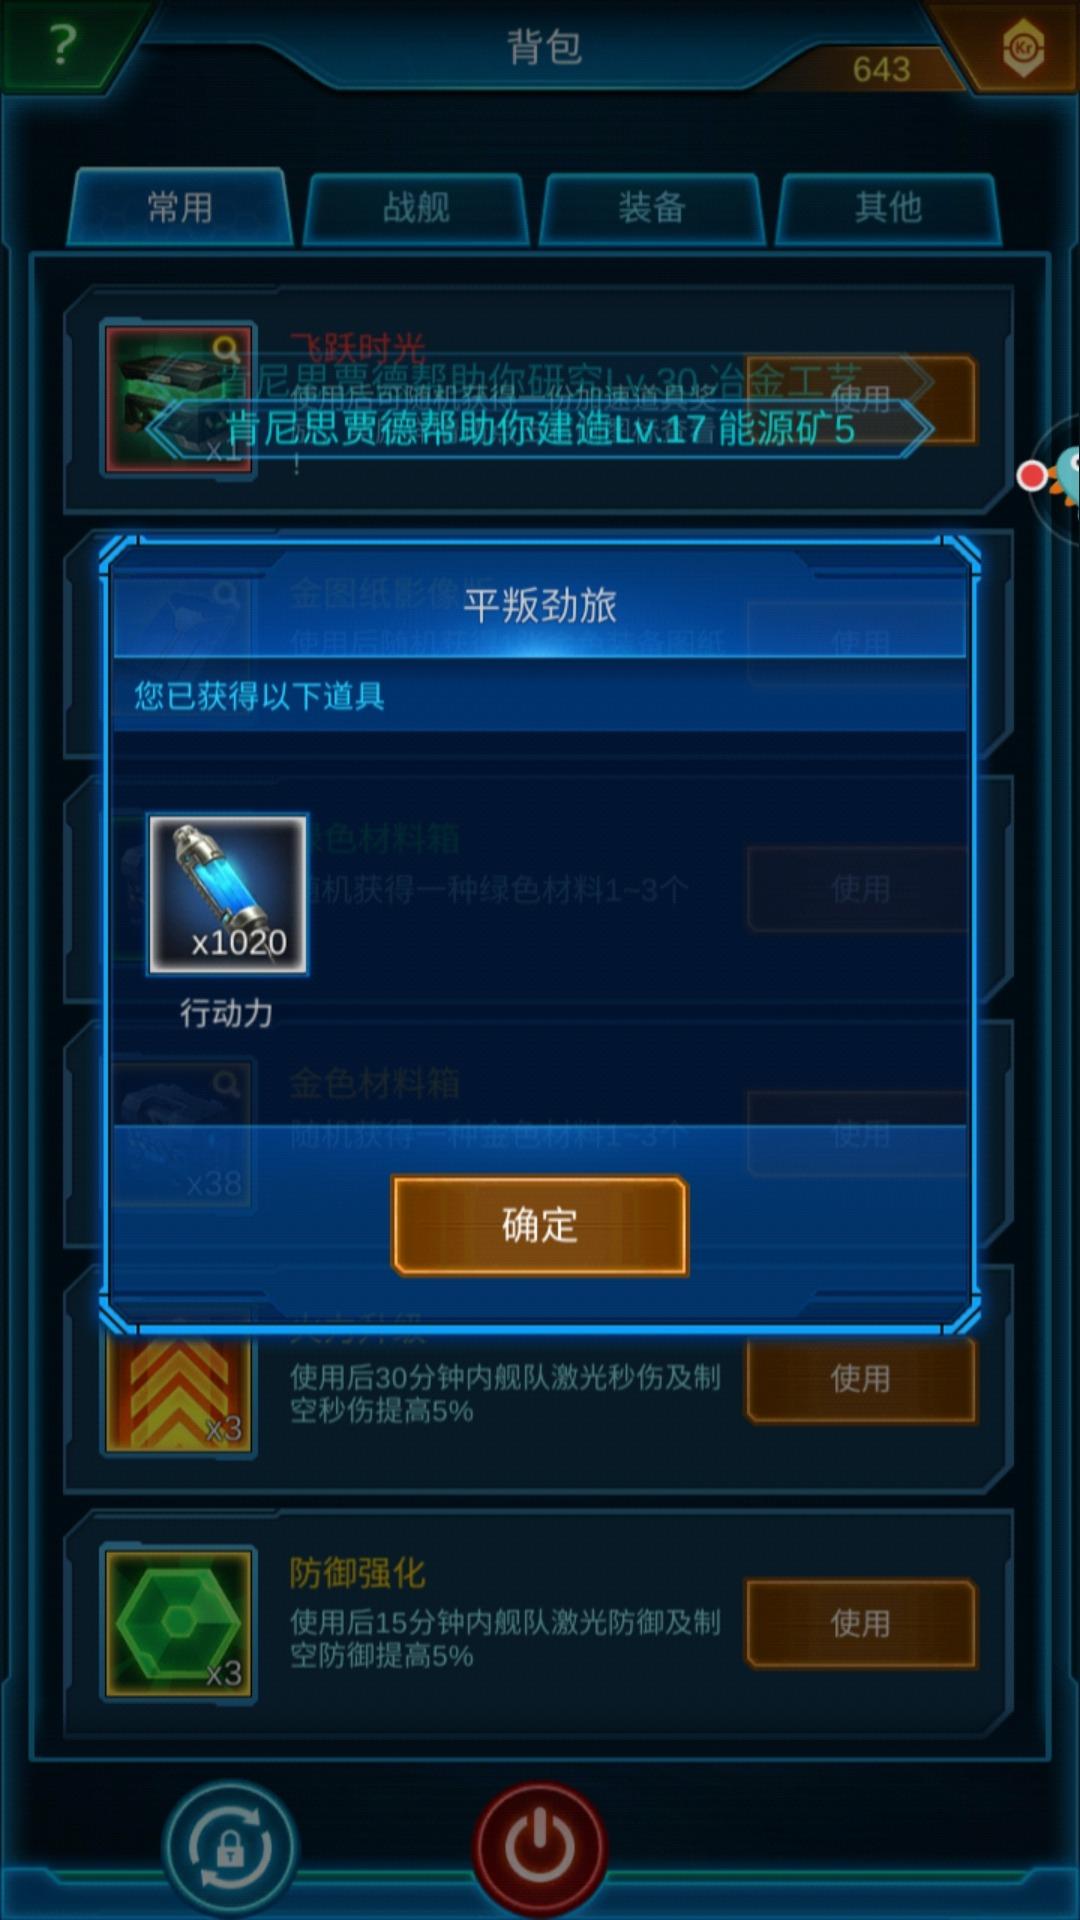 Screenshot_20200405_124659_com.jedigames.p16s.aligames.jpg